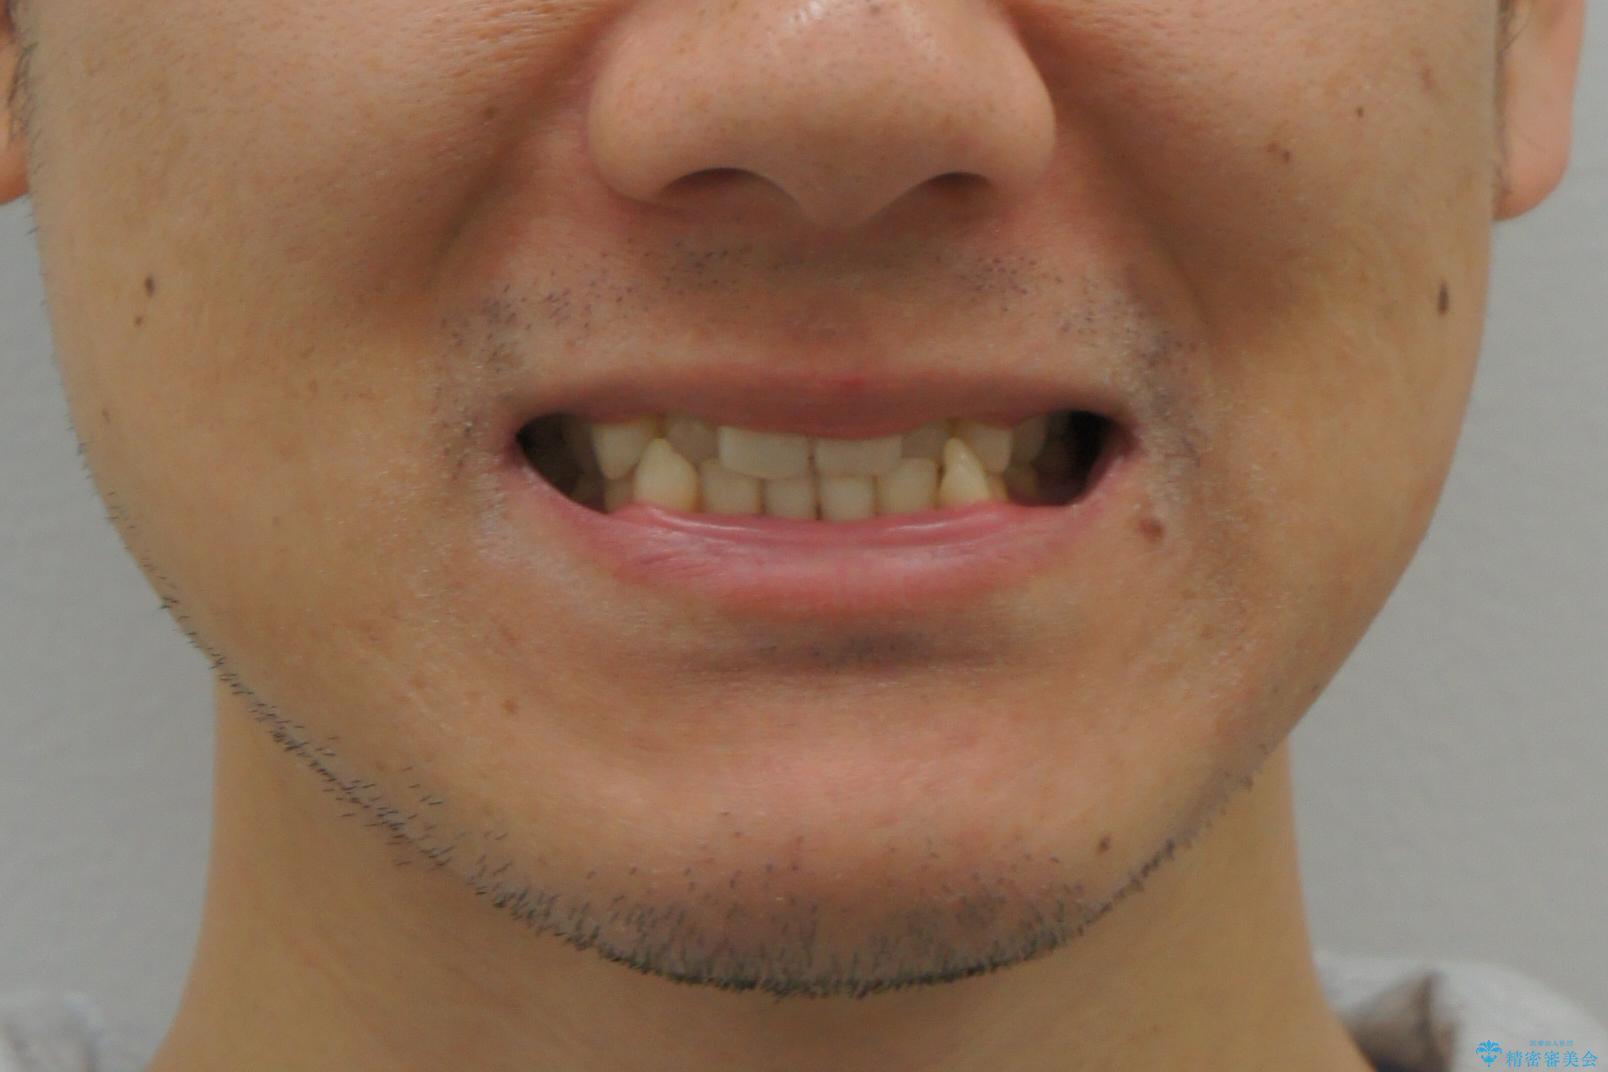 受け口 マウスピースで矯正治療 難易度:中の治療前(顔貌)